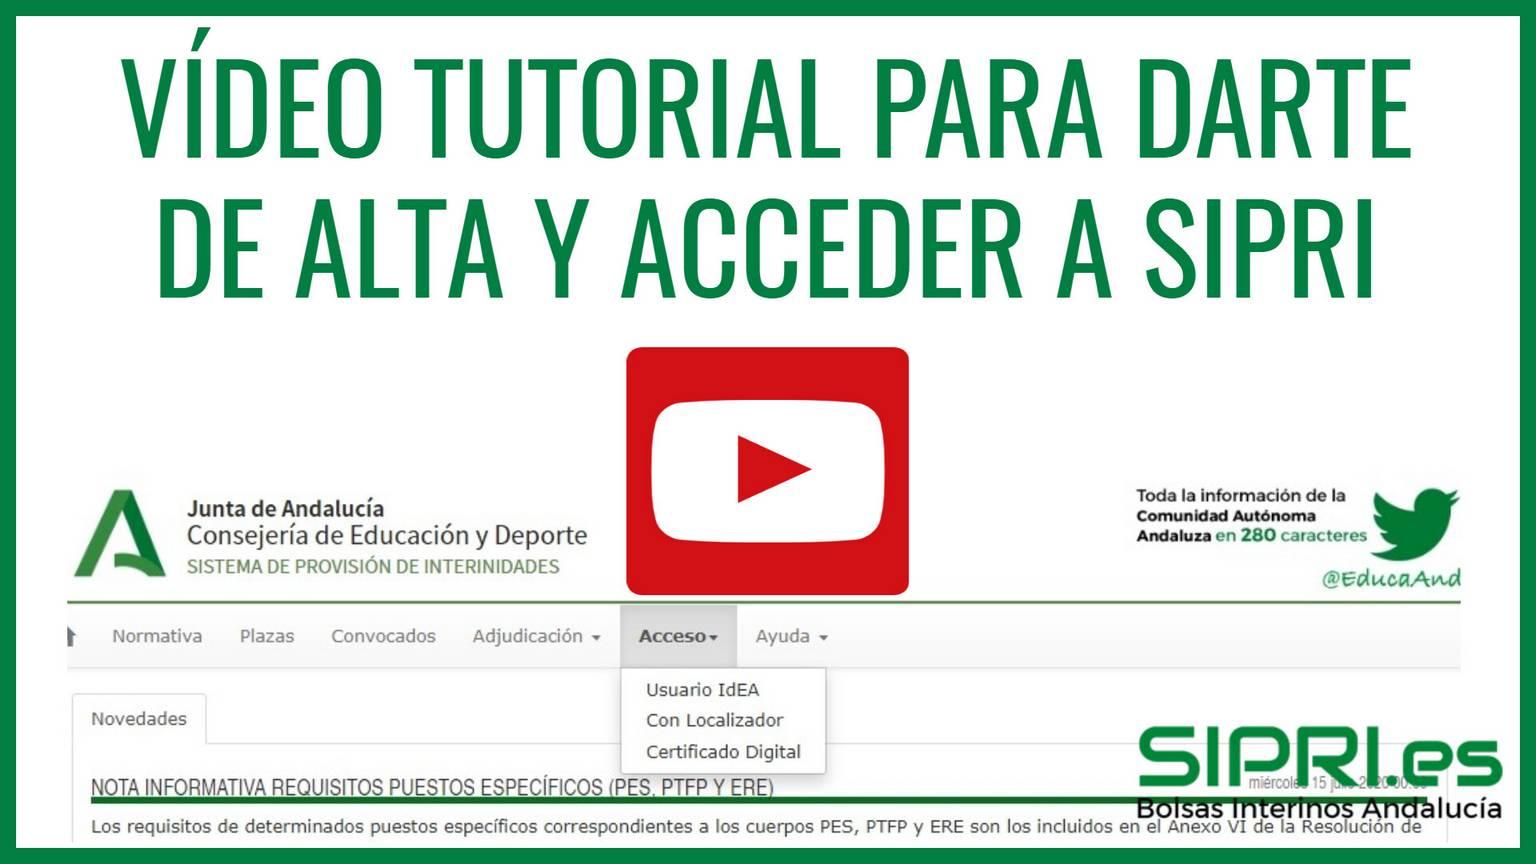 Cómo acceder a SIPRI, vídeo tutorial